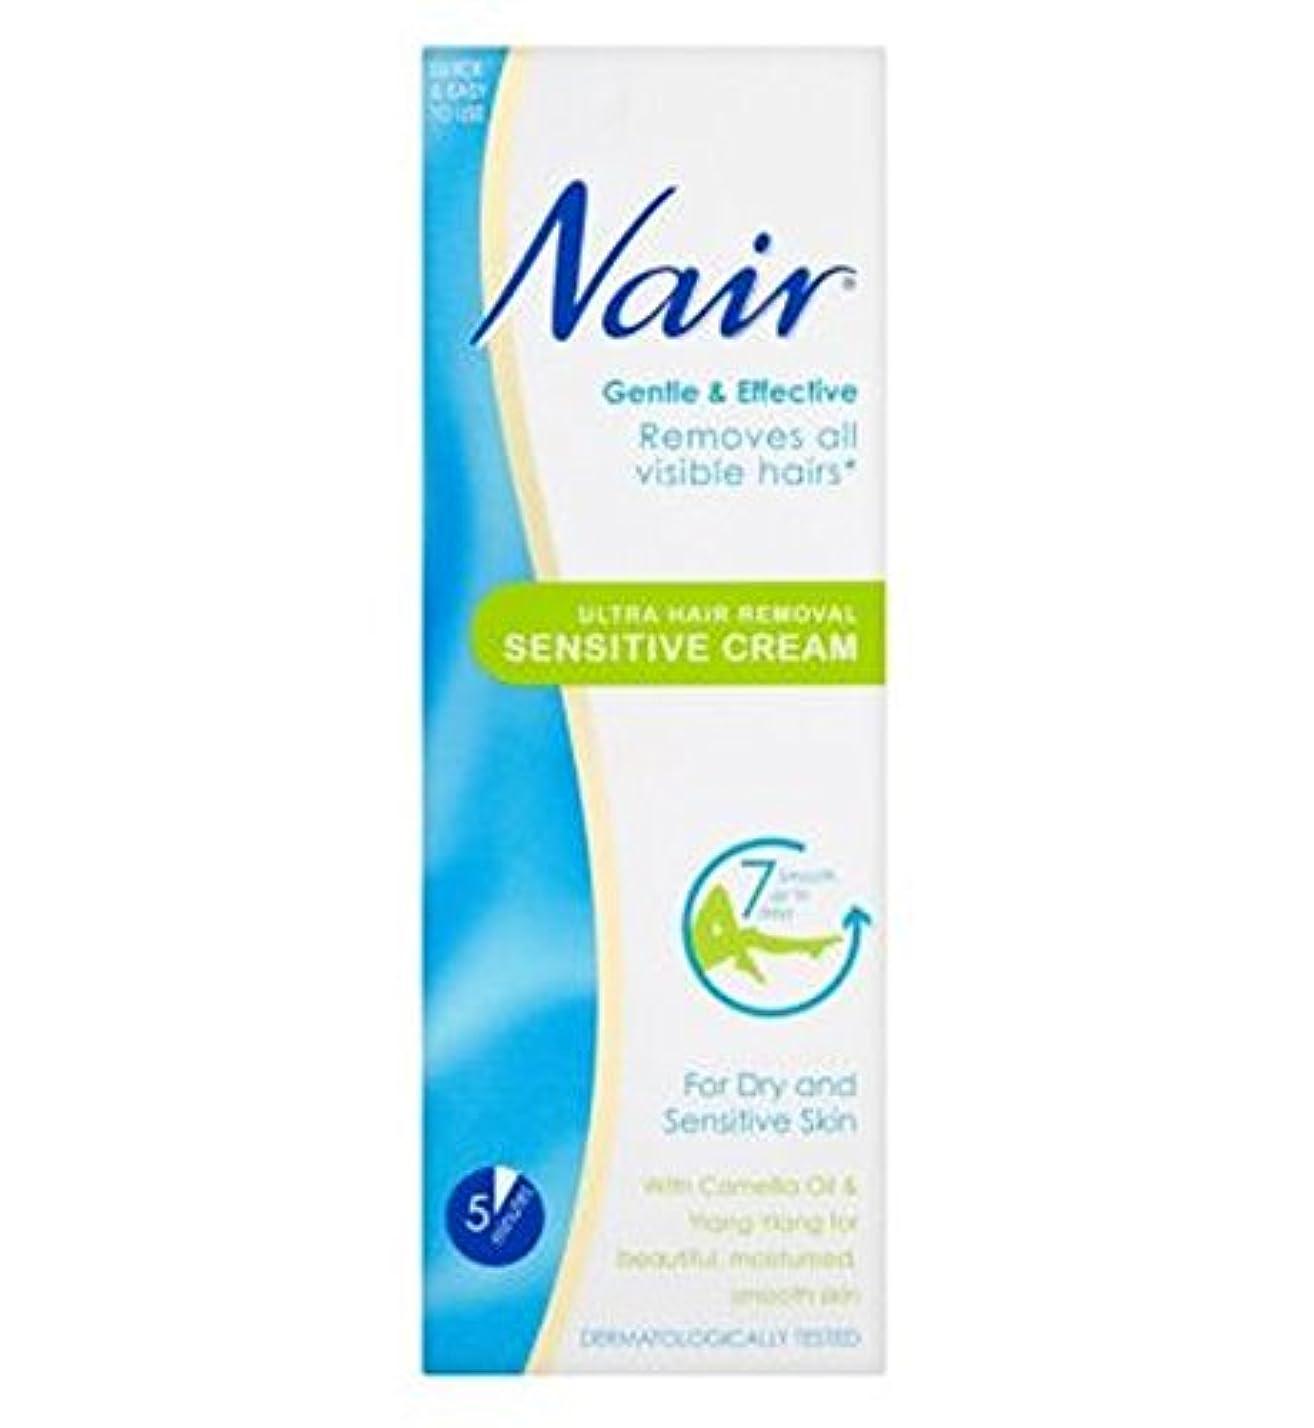 他に集計同志Nair Sensitive Hair Removal Cream 200ml - Nairさん敏感な脱毛クリーム200ミリリットル (Nair) [並行輸入品]